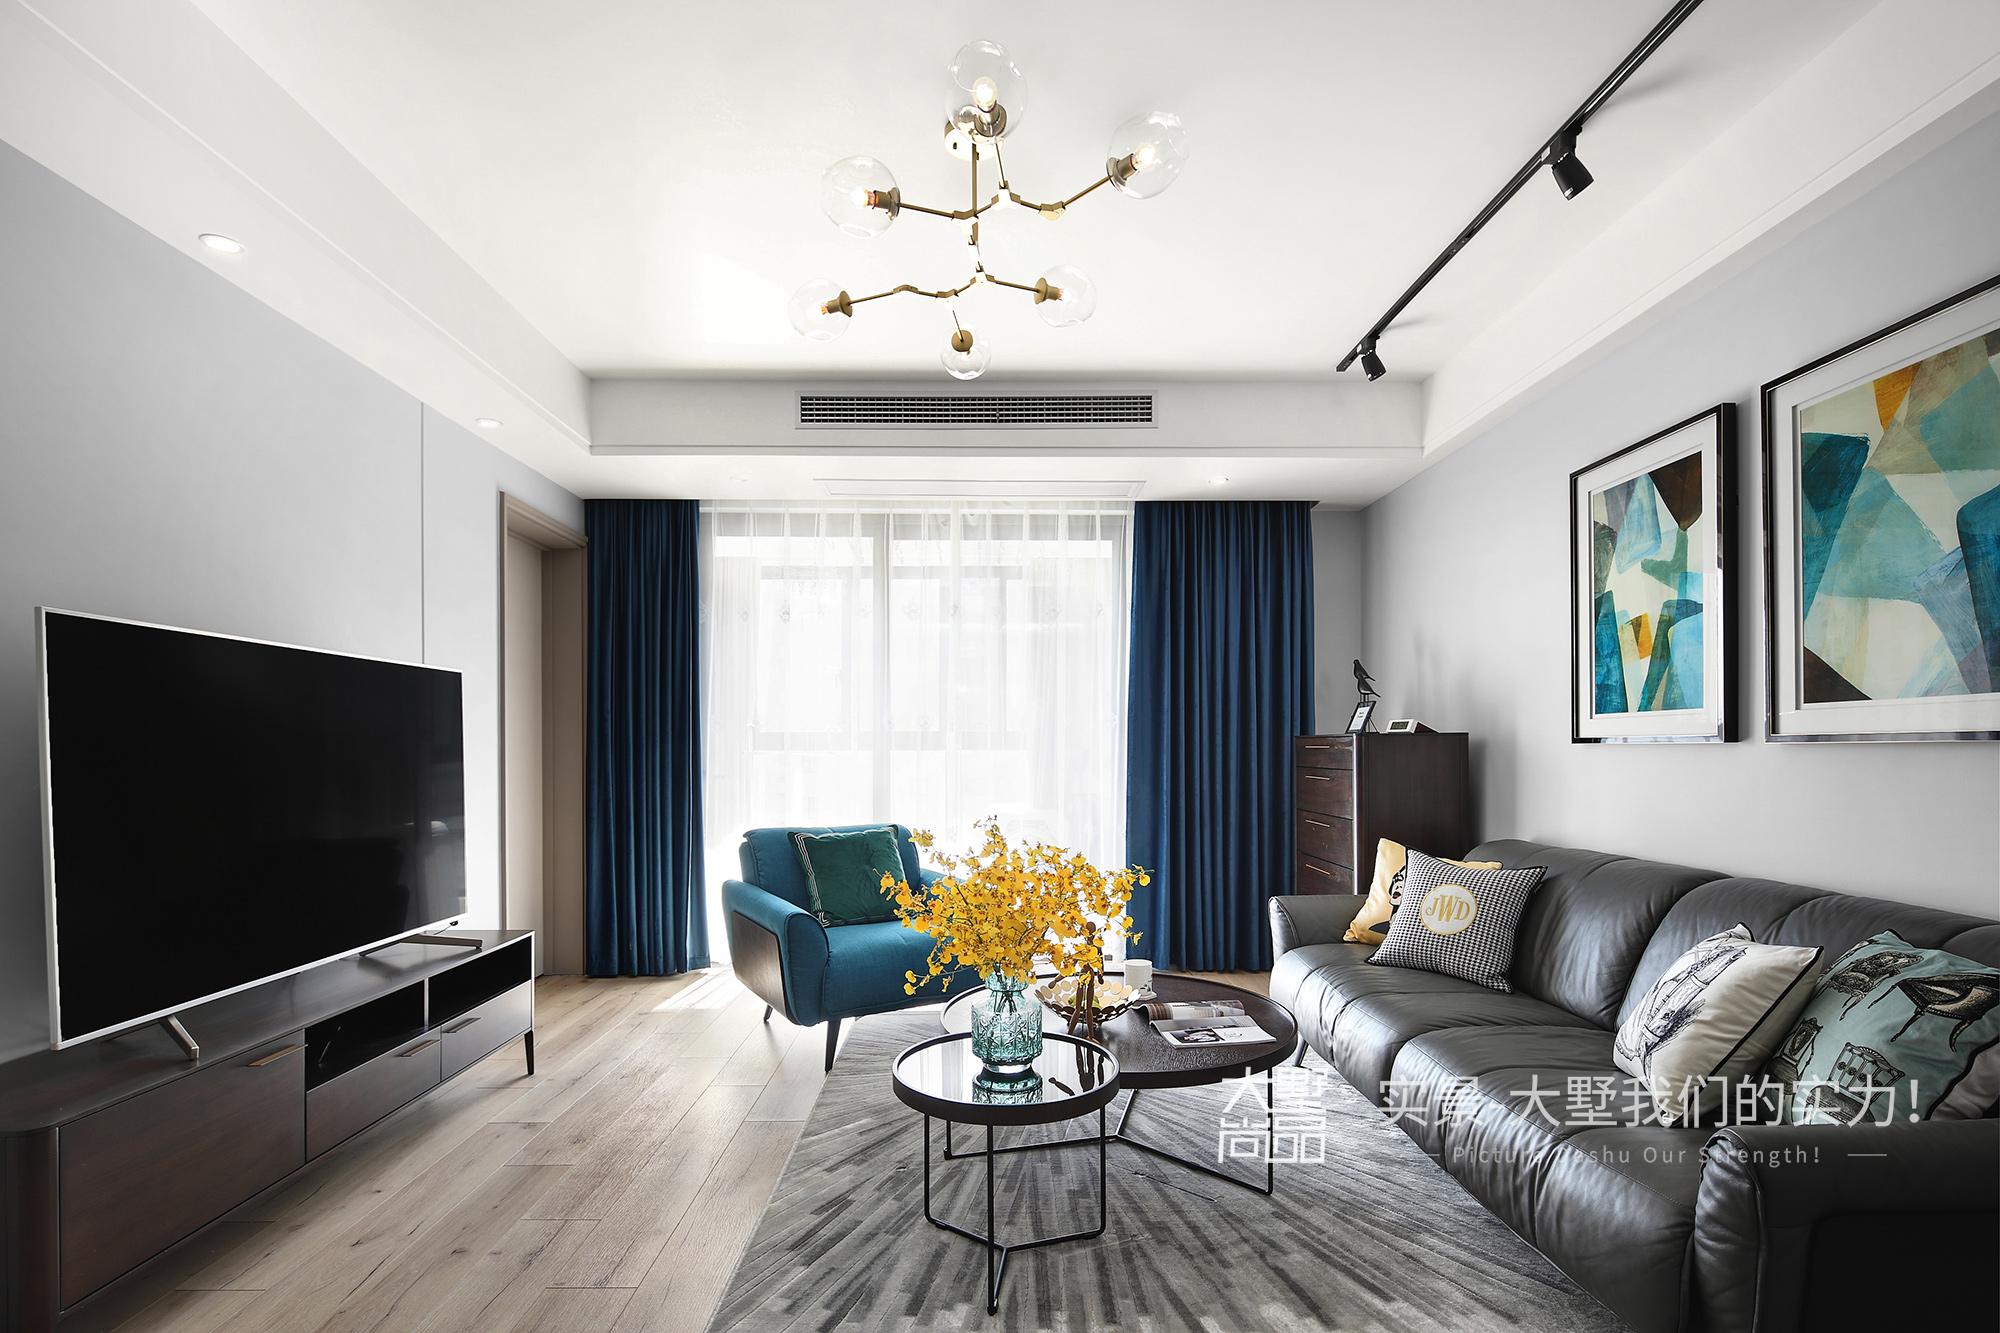 客厅图片来自大墅尚品-由伟壮设计在125㎡盐系北欧丨爱很简单的分享